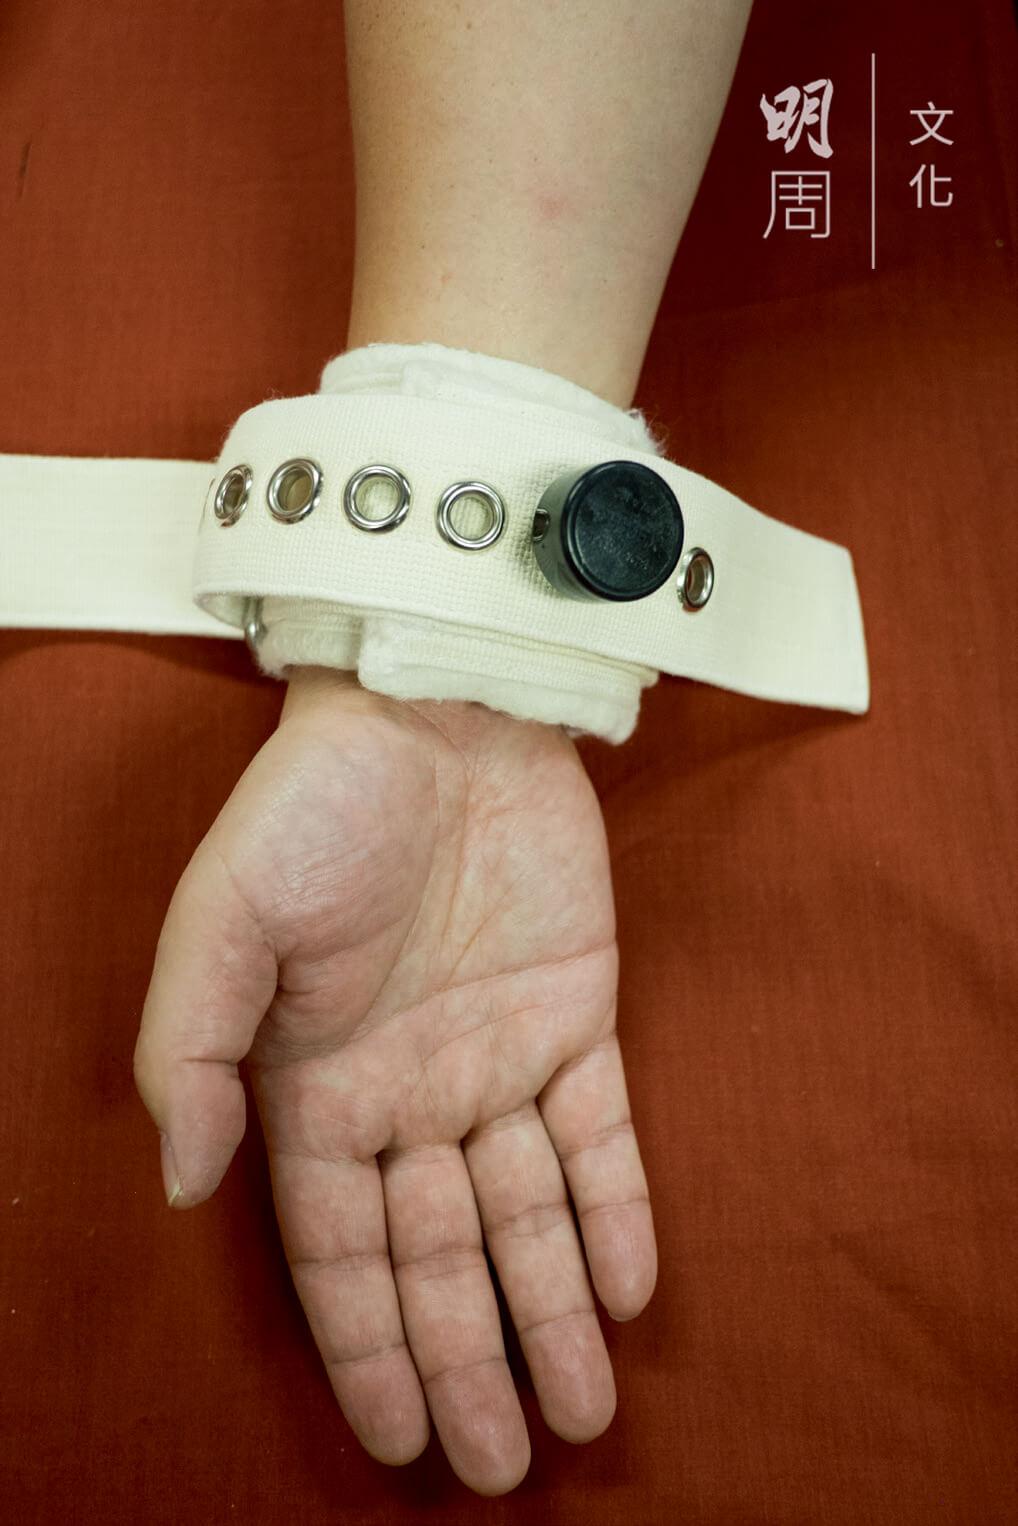 磁力約束帶 ─ 2000年購買,代替了使用三角繃帶約束情緒不穩定的病人。此類約束帶以鈕形磁力鎖將之繫穩,要用特製的磁力鎖匙才可將鎖開啟。